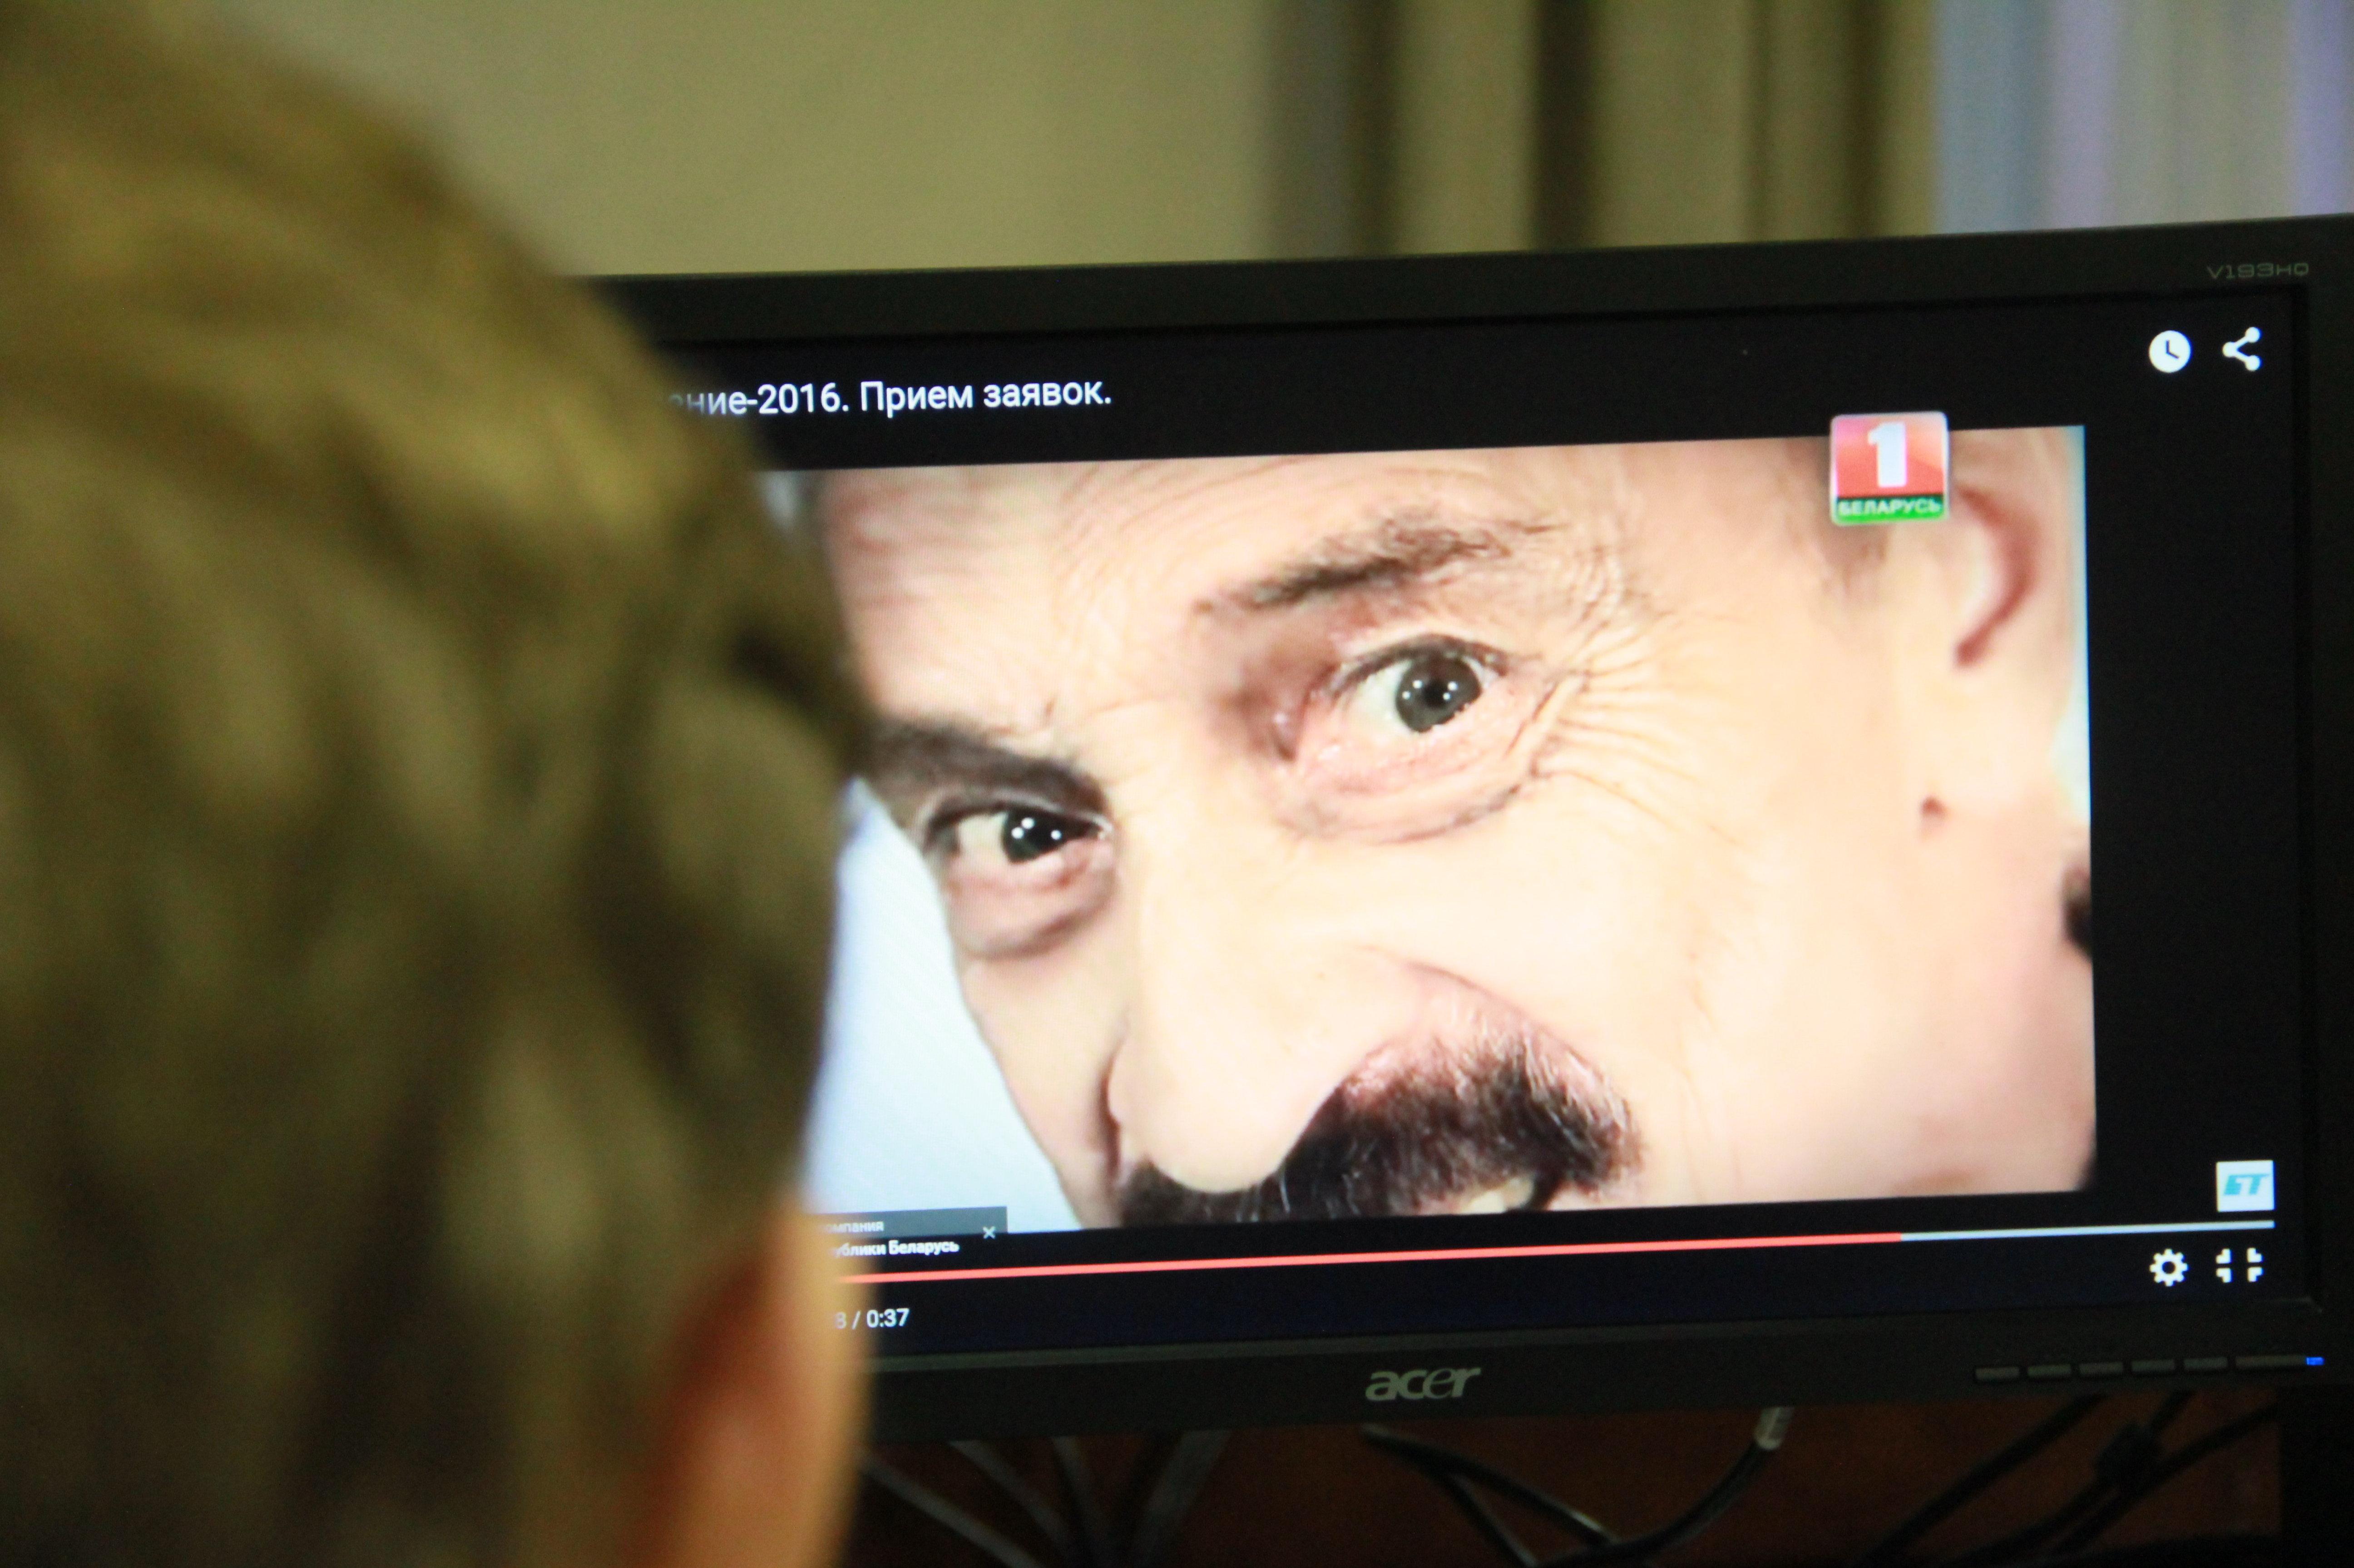 Рекламный видеоролик Евровидения с участием Александра Тихановича